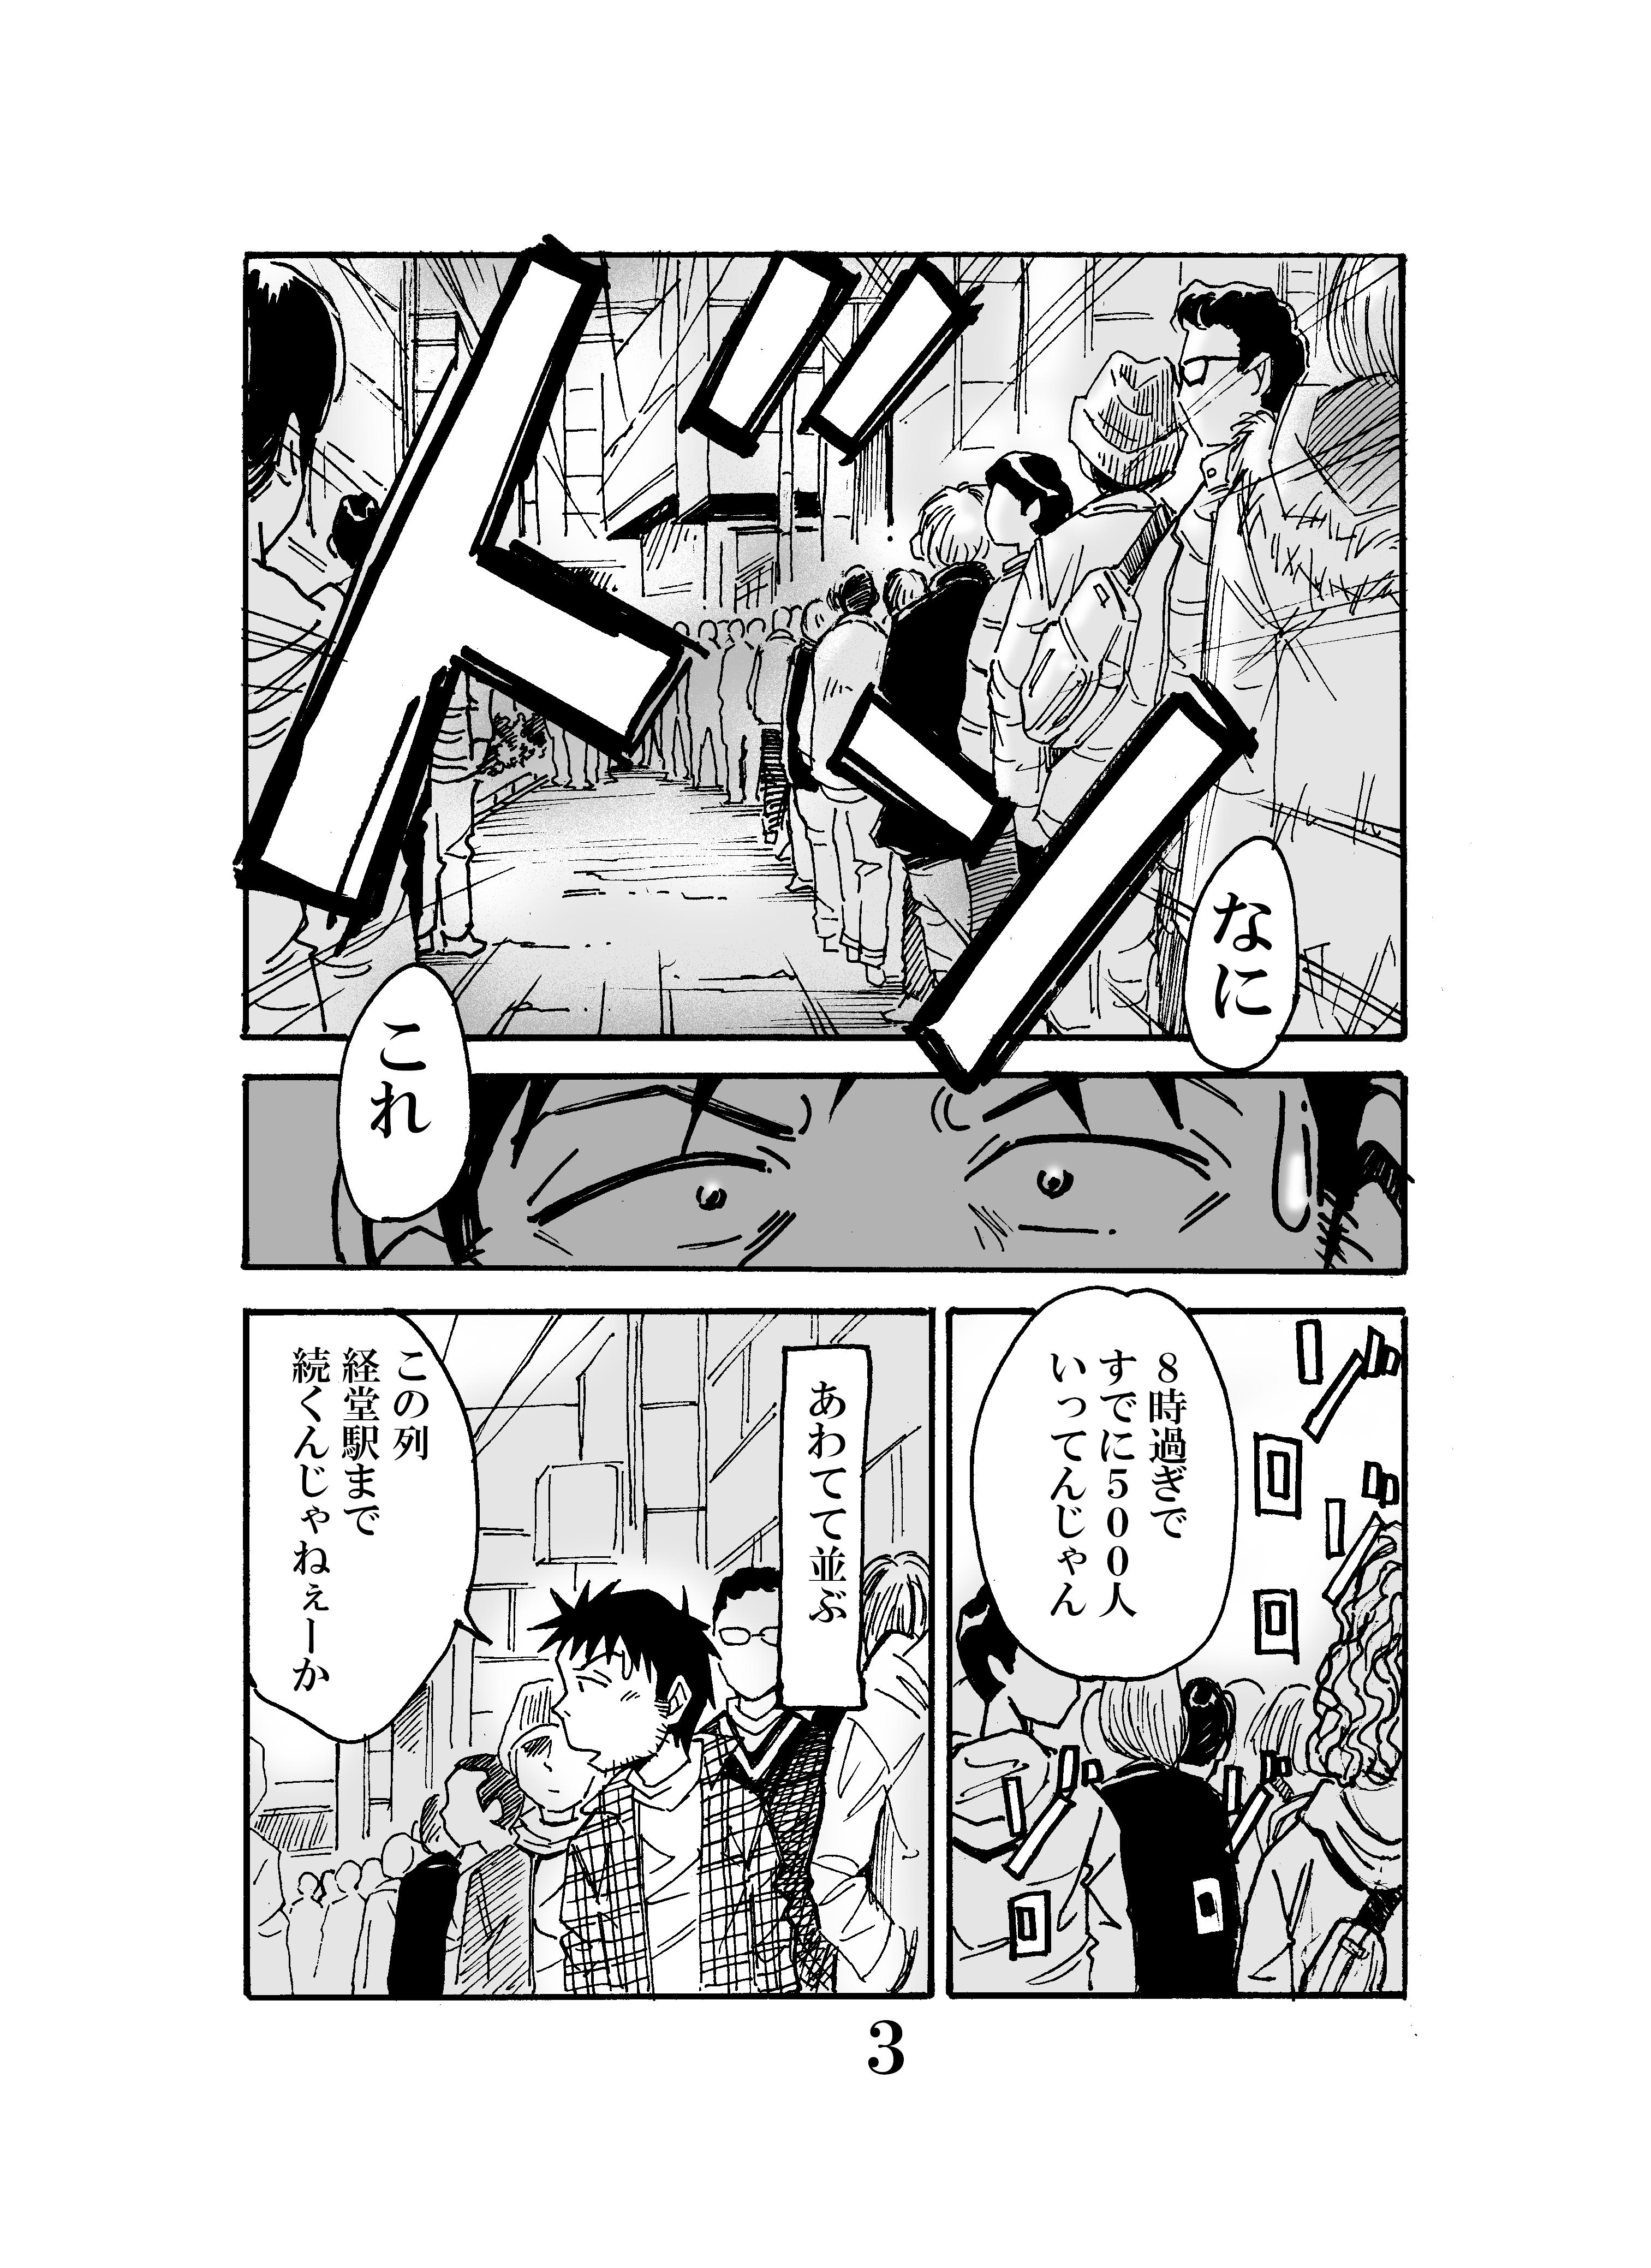 11月11日ワンチャンス③